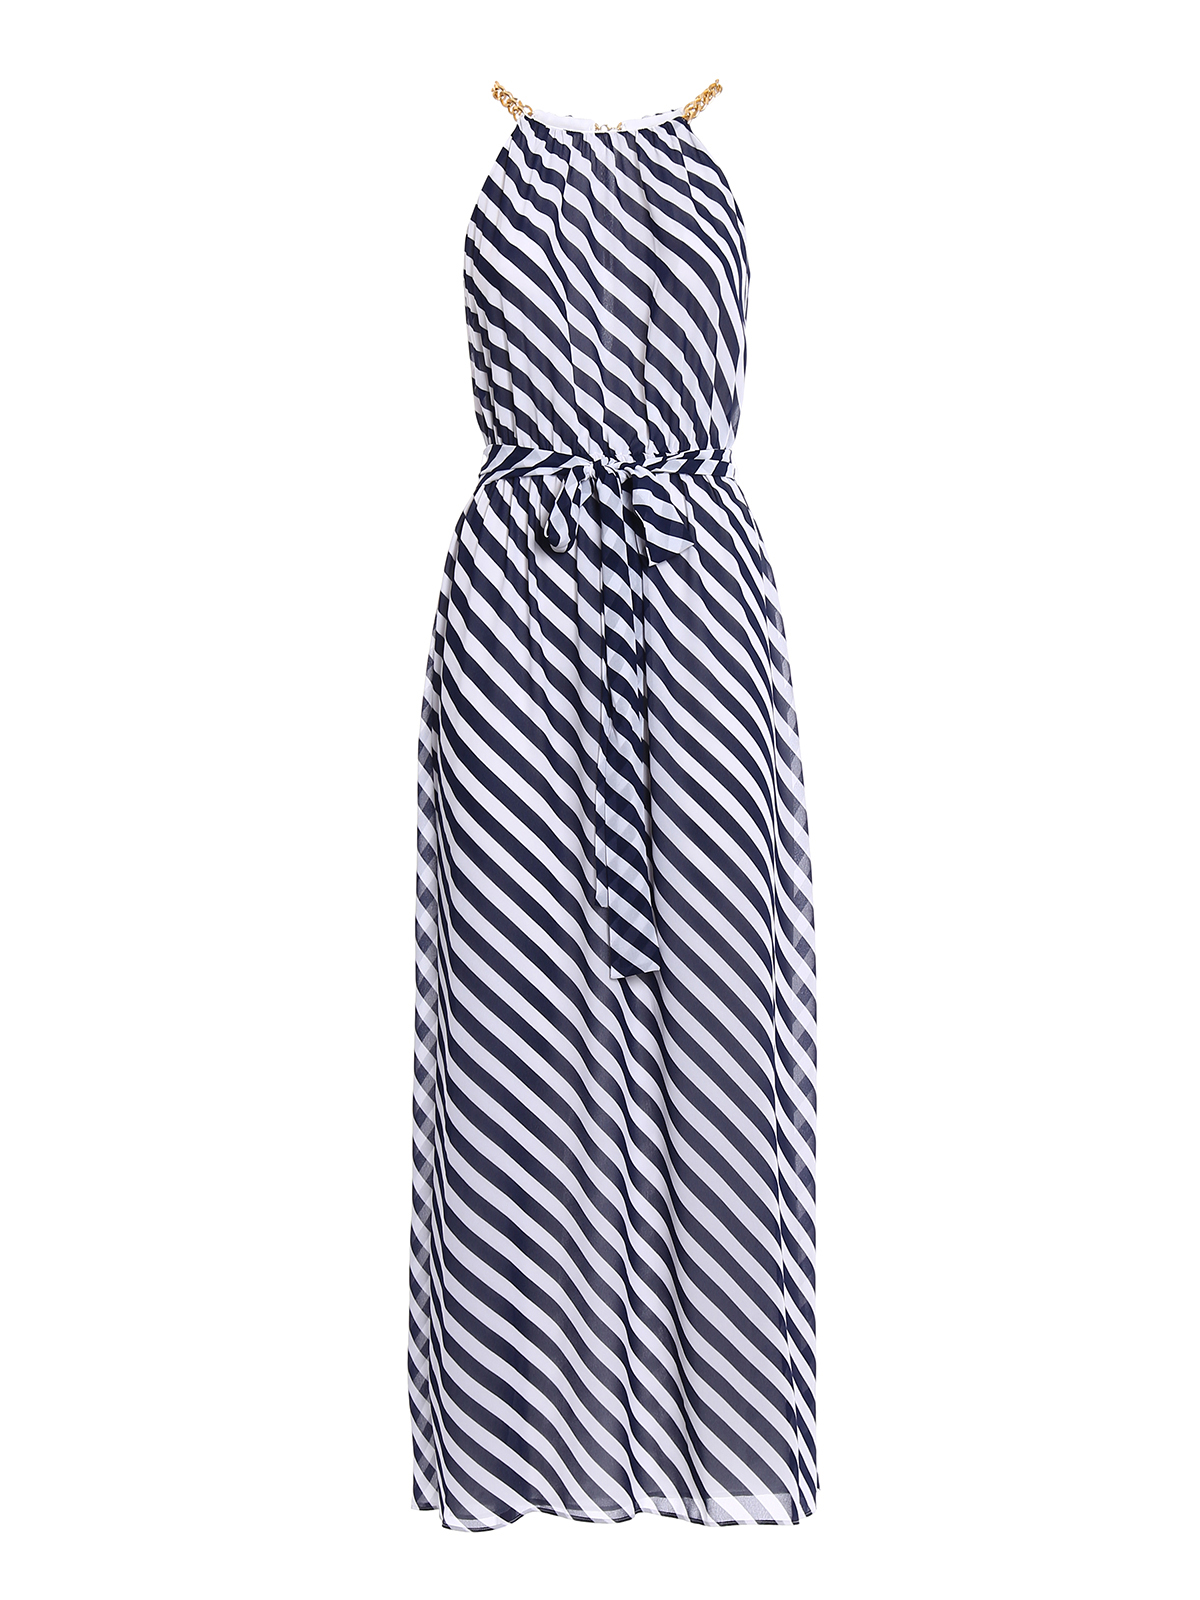 new concept a7a43 73f17 Michael Kors - Maxi abito a righe con catena - abiti lunghi ...